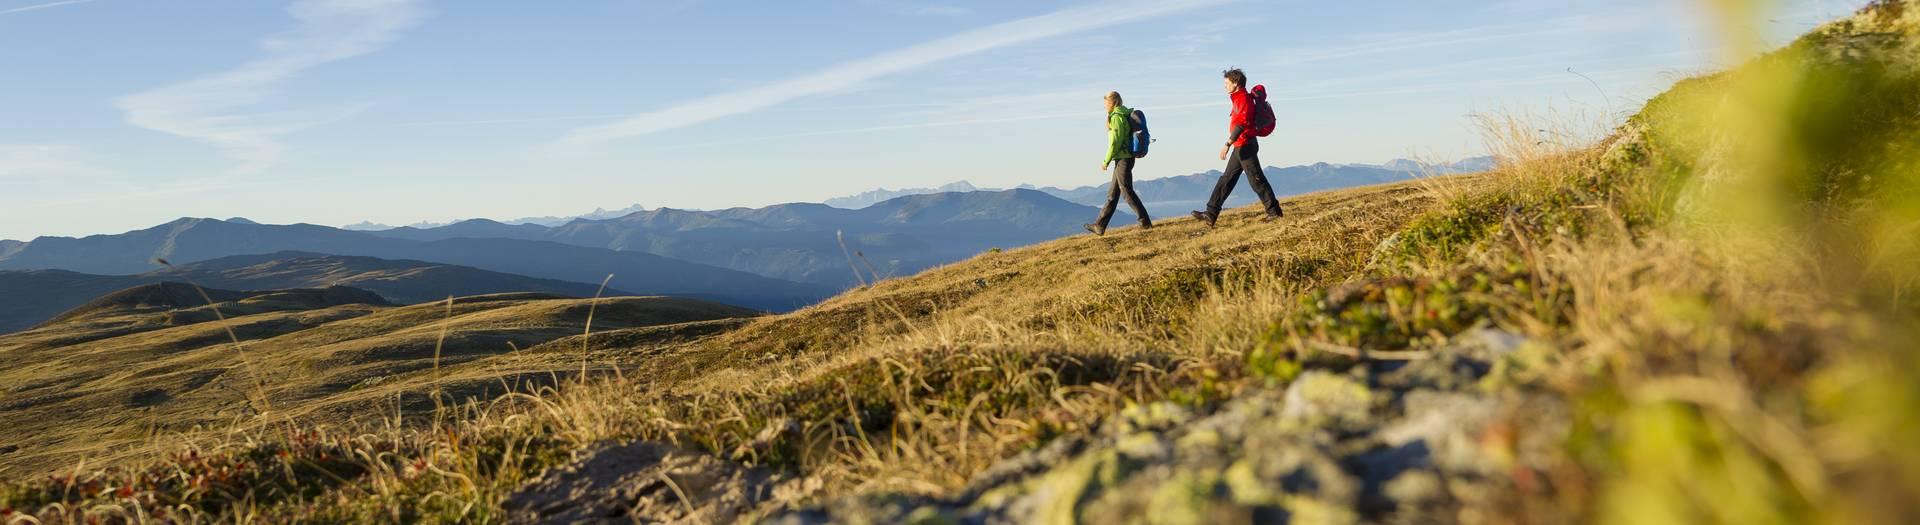 Wandern am Katschberg